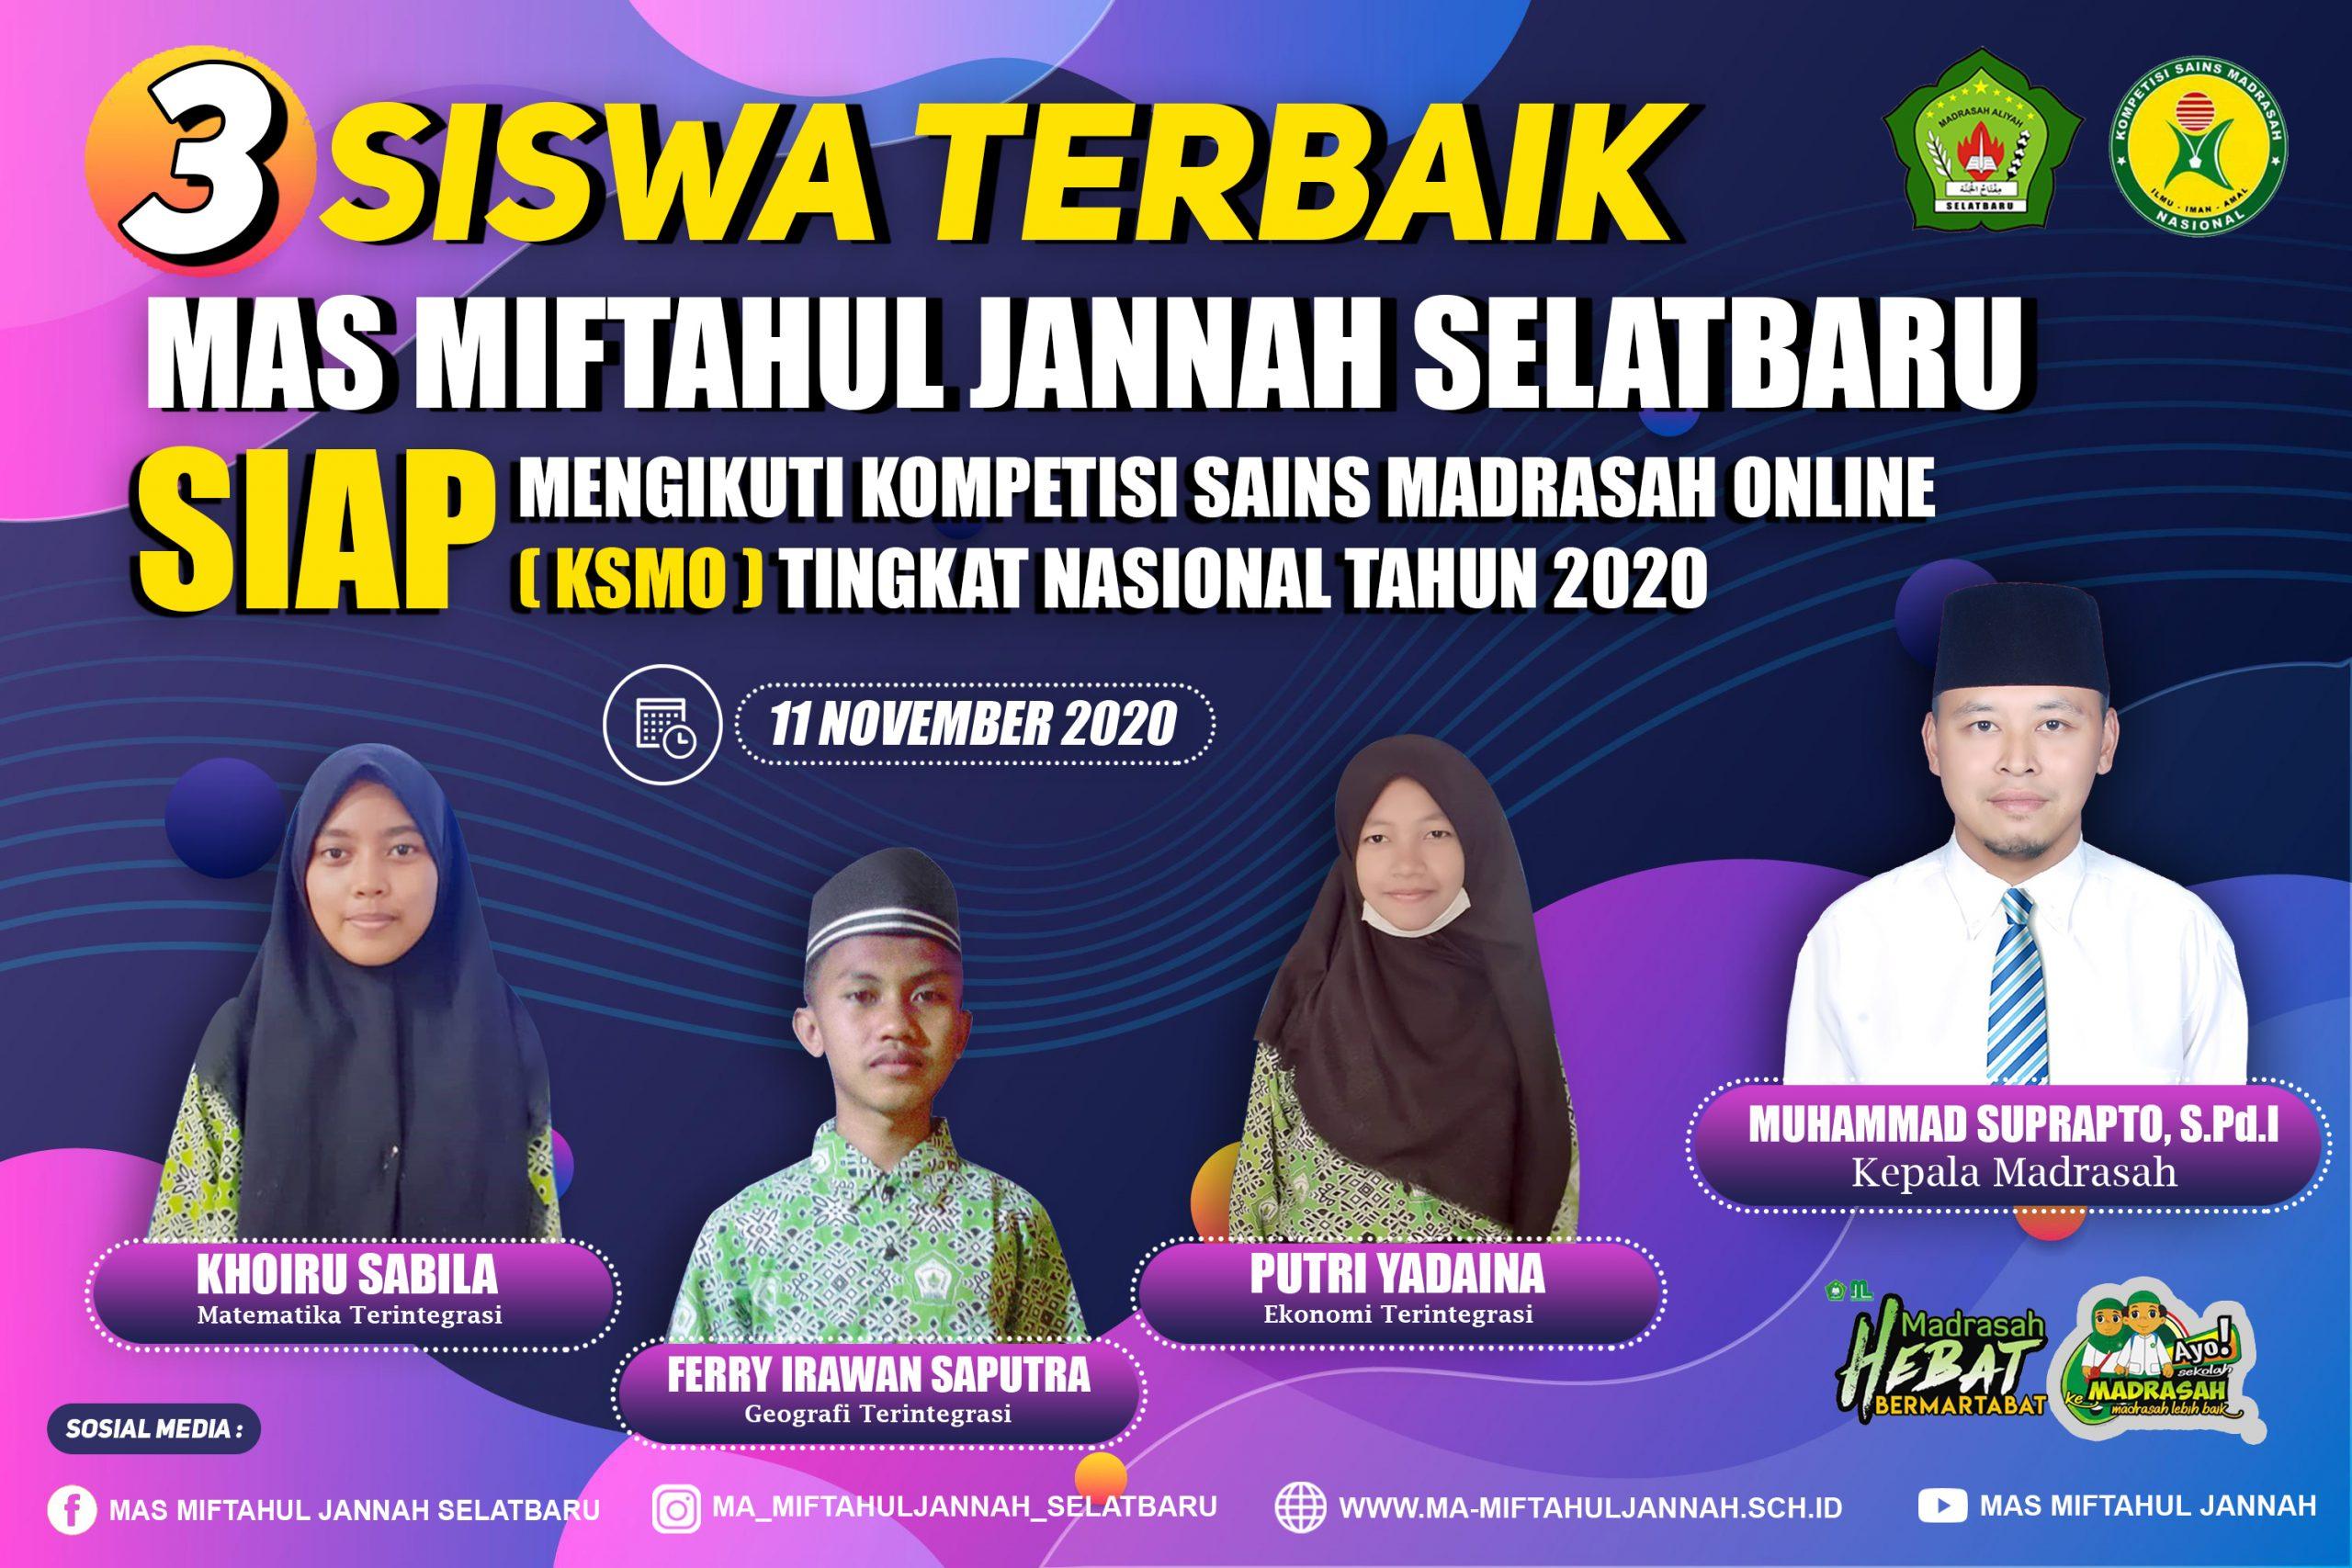 TIGA SISWA TERBAIK MAS MIFTAHUL JANNAH IKUTI KSMO NASIONAL TAHUN 2020